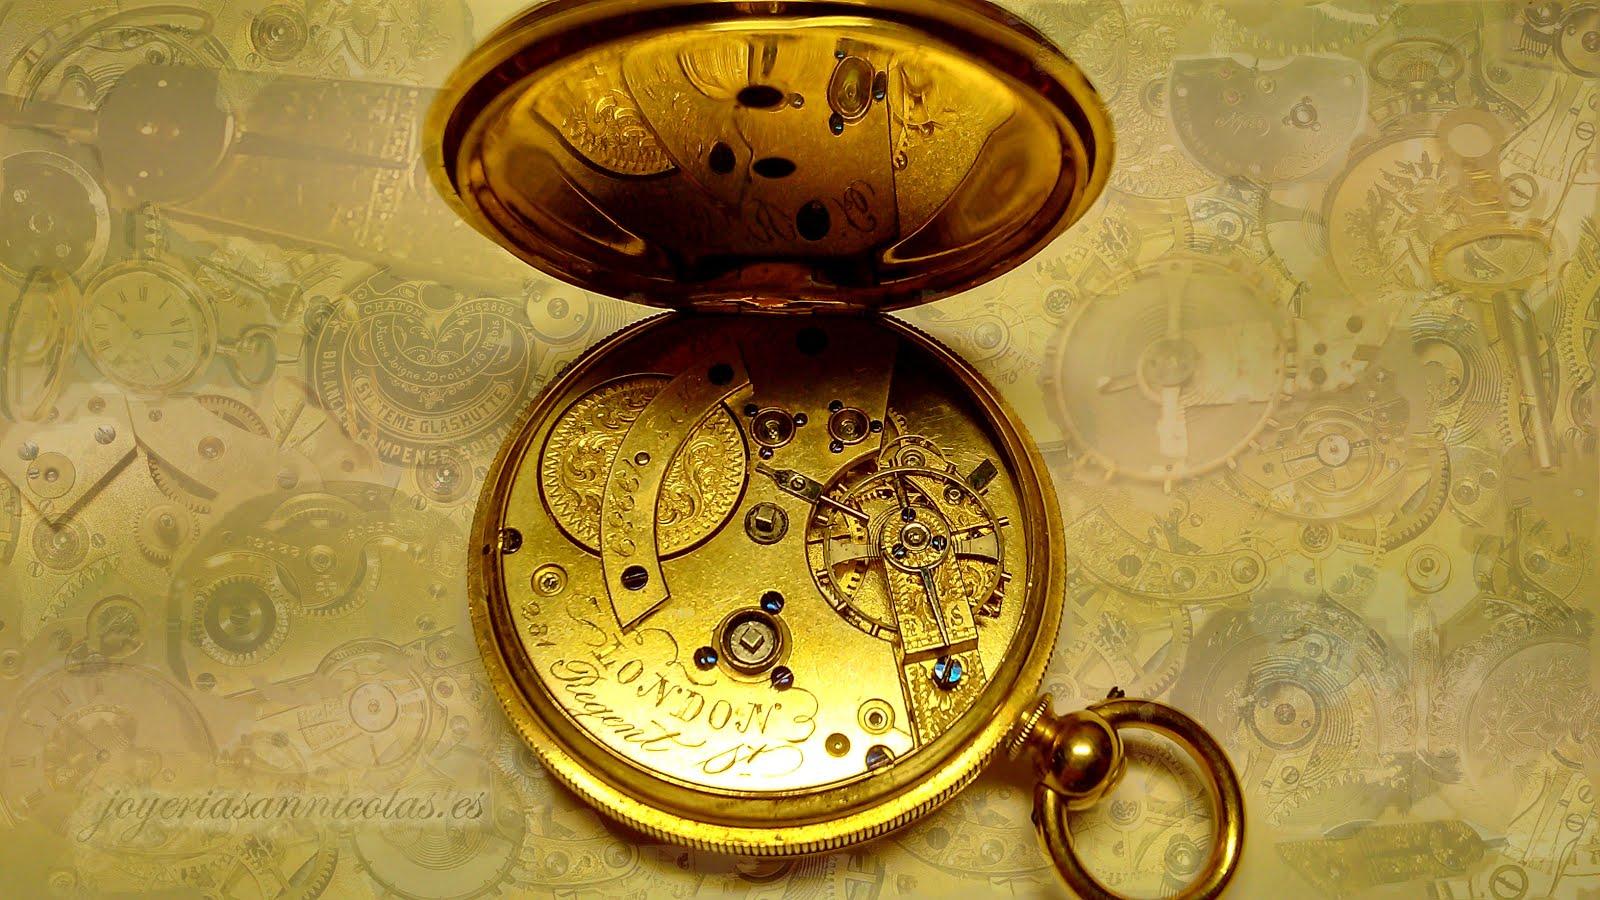 Taller De Reparación Y Restauración De Relojes Antiguos Mecánicos A